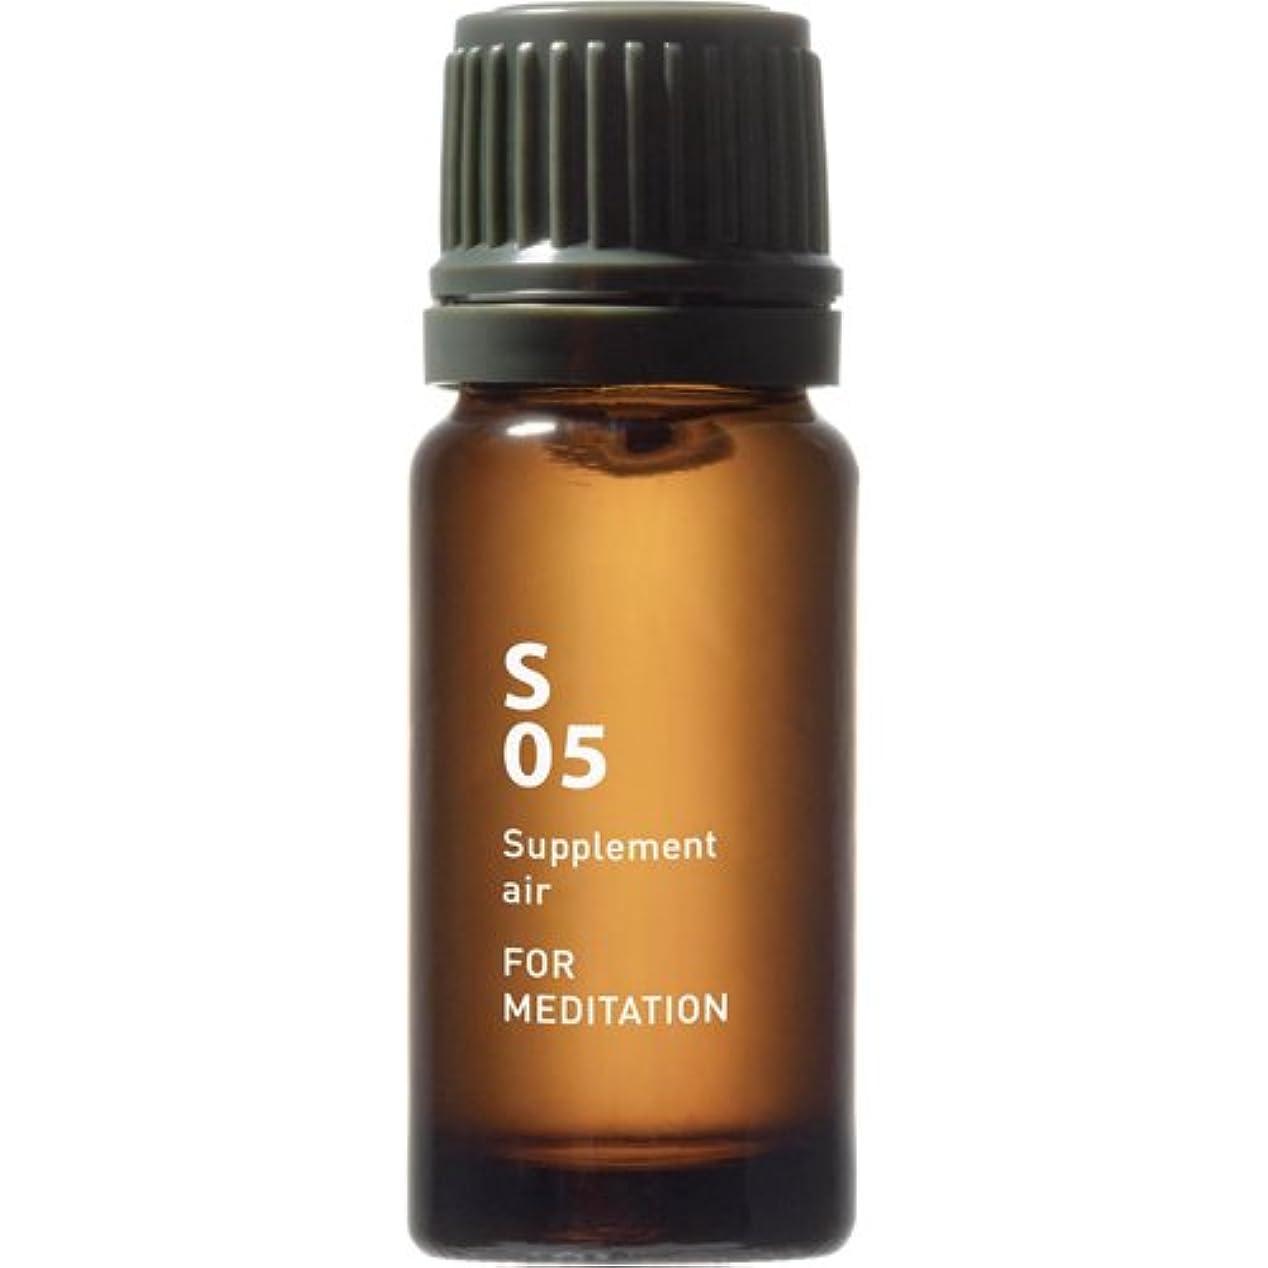 プロペラ水っぽい痛みS05 FOR MEDITATION Supplement air 10ml